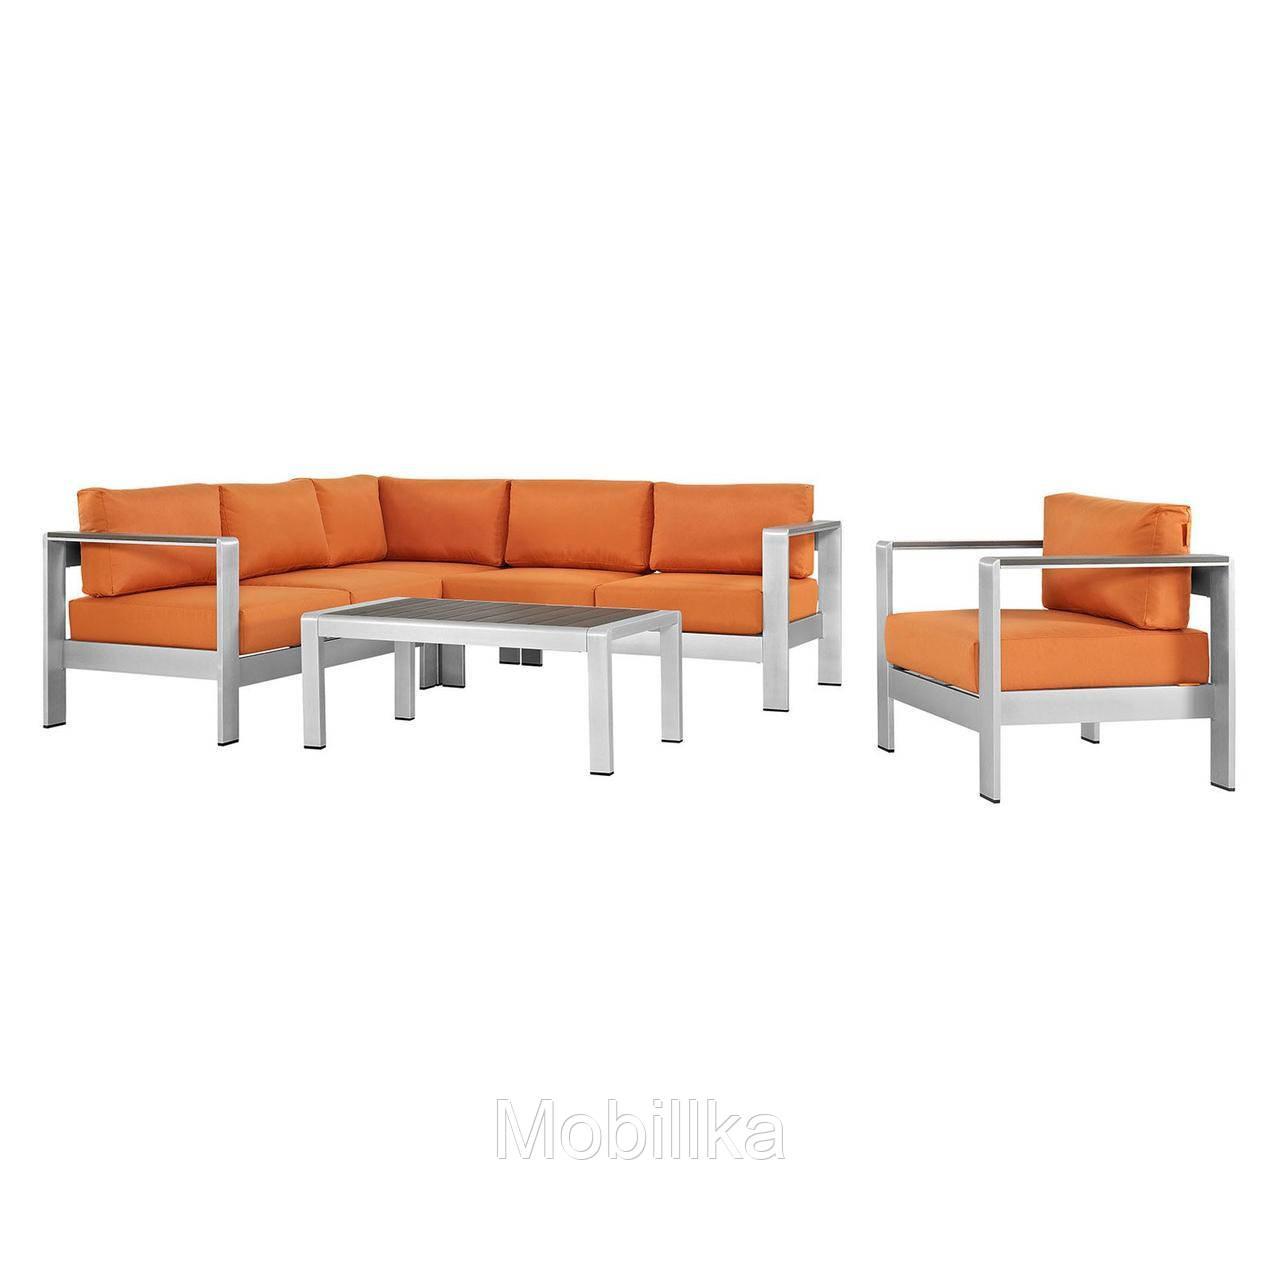 комплект уличной мебели диван кресло столик в стиле Loft Ns 970003835 Biglua